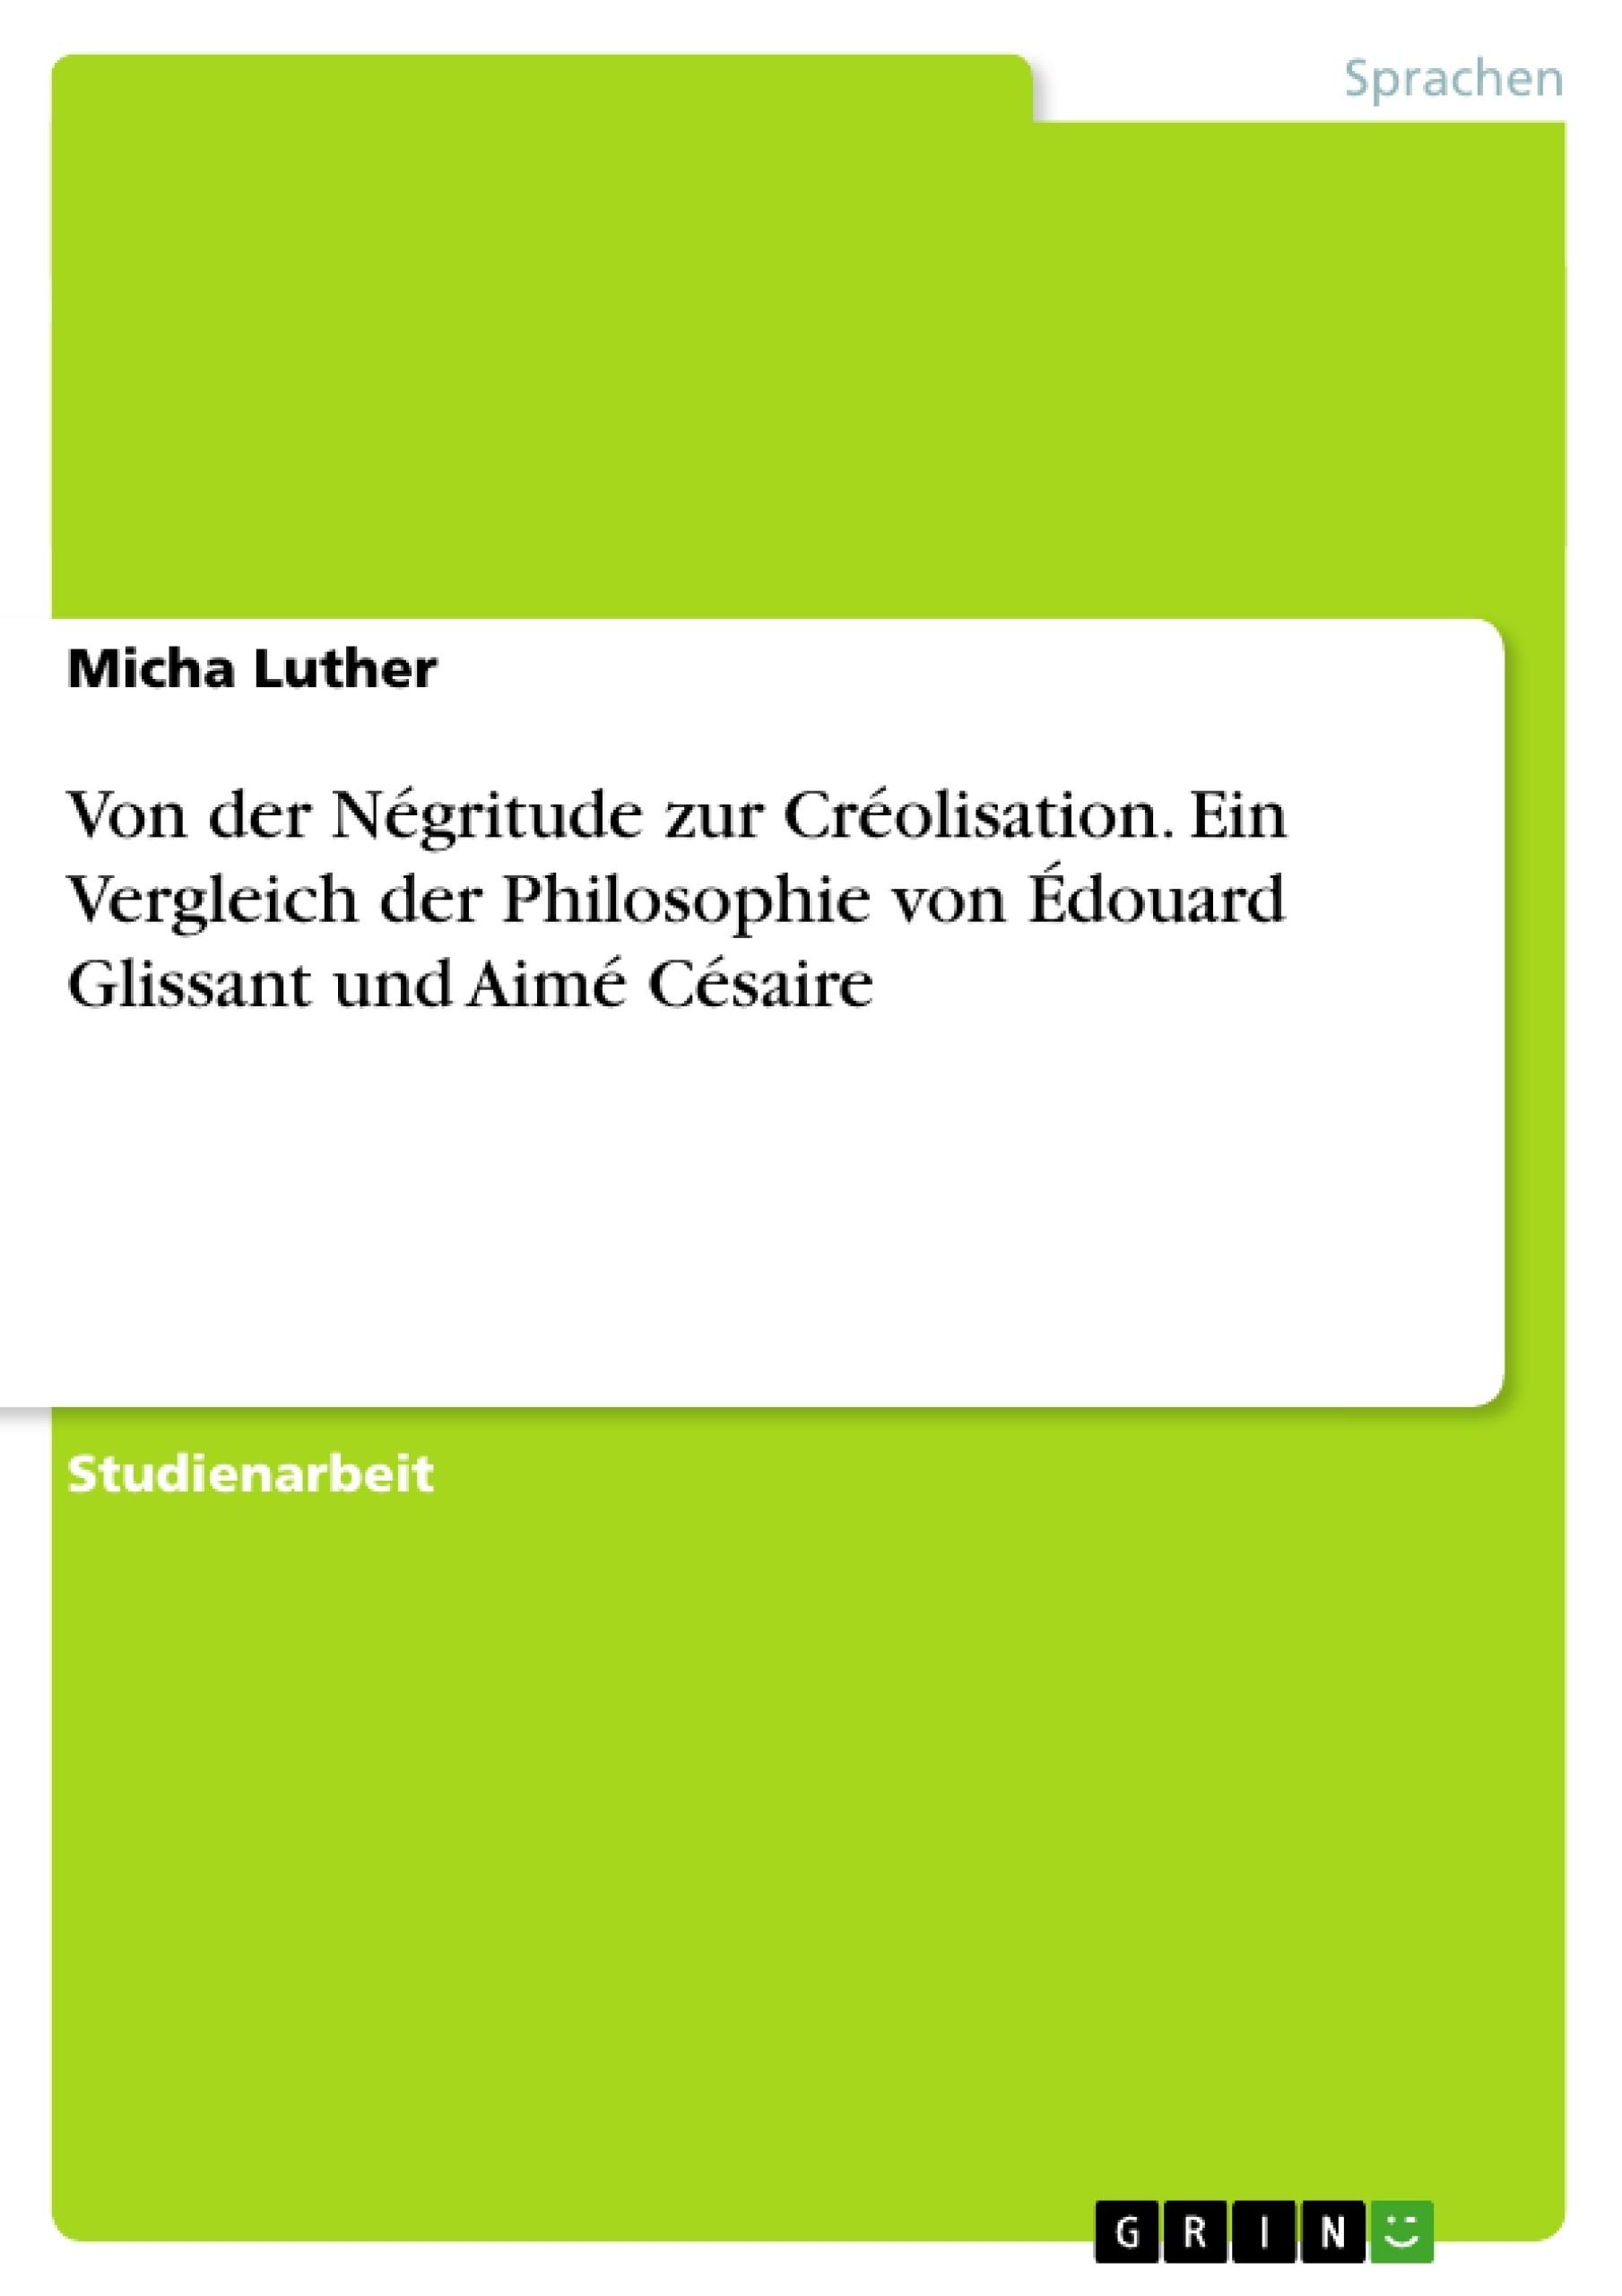 Titel: Von der Négritude zur Créolisation. Ein Vergleich der Philosophie von Édouard Glissant und Aimé Césaire